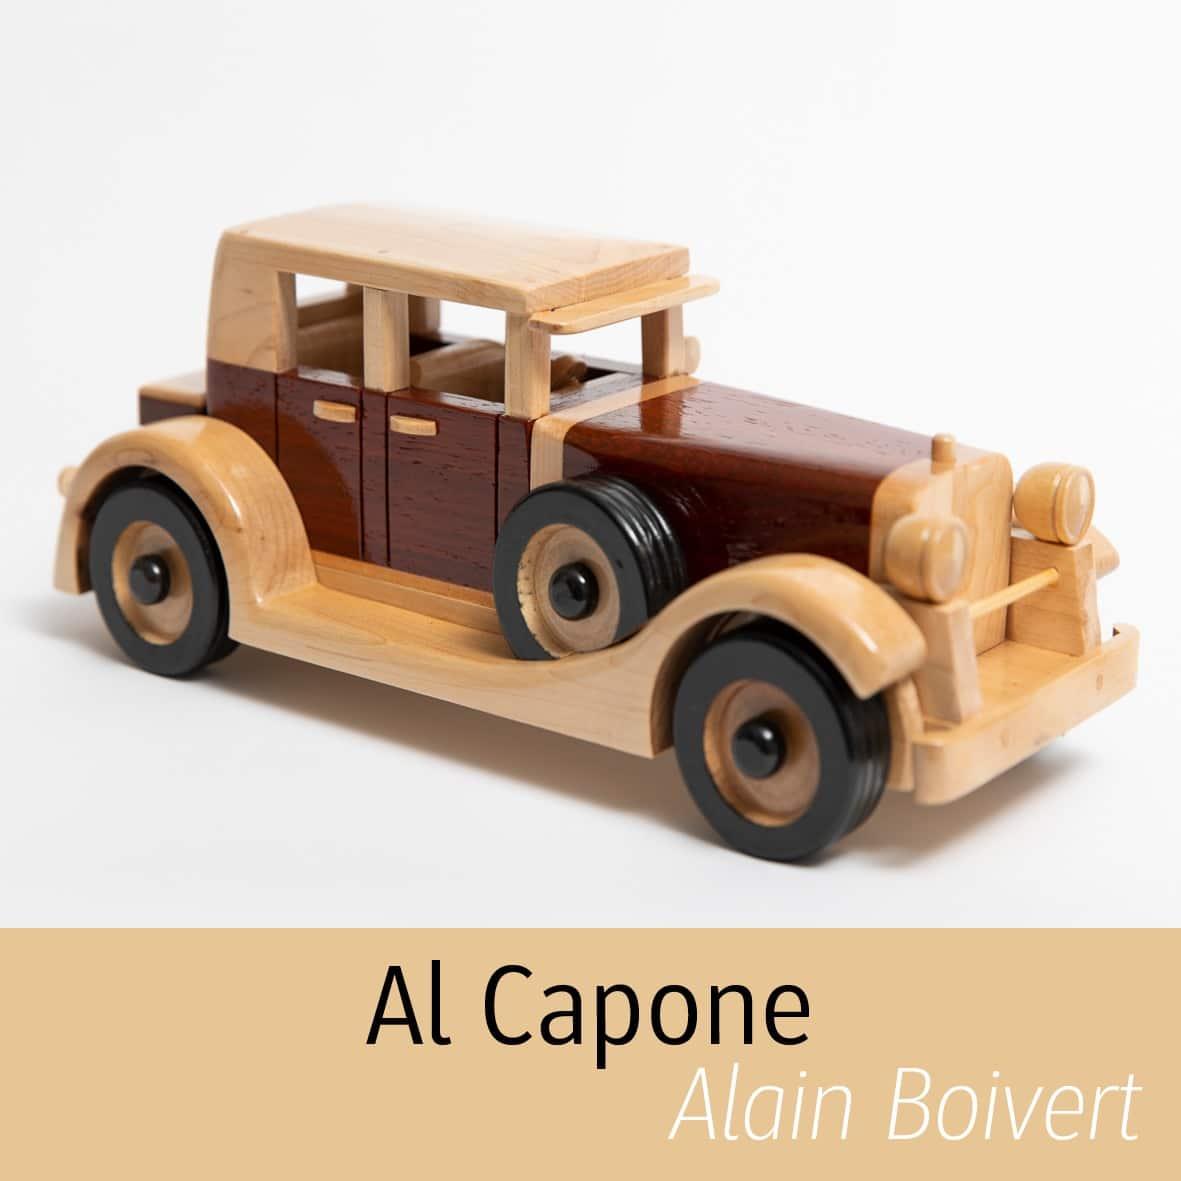 Auto en bois Alain Boisvert